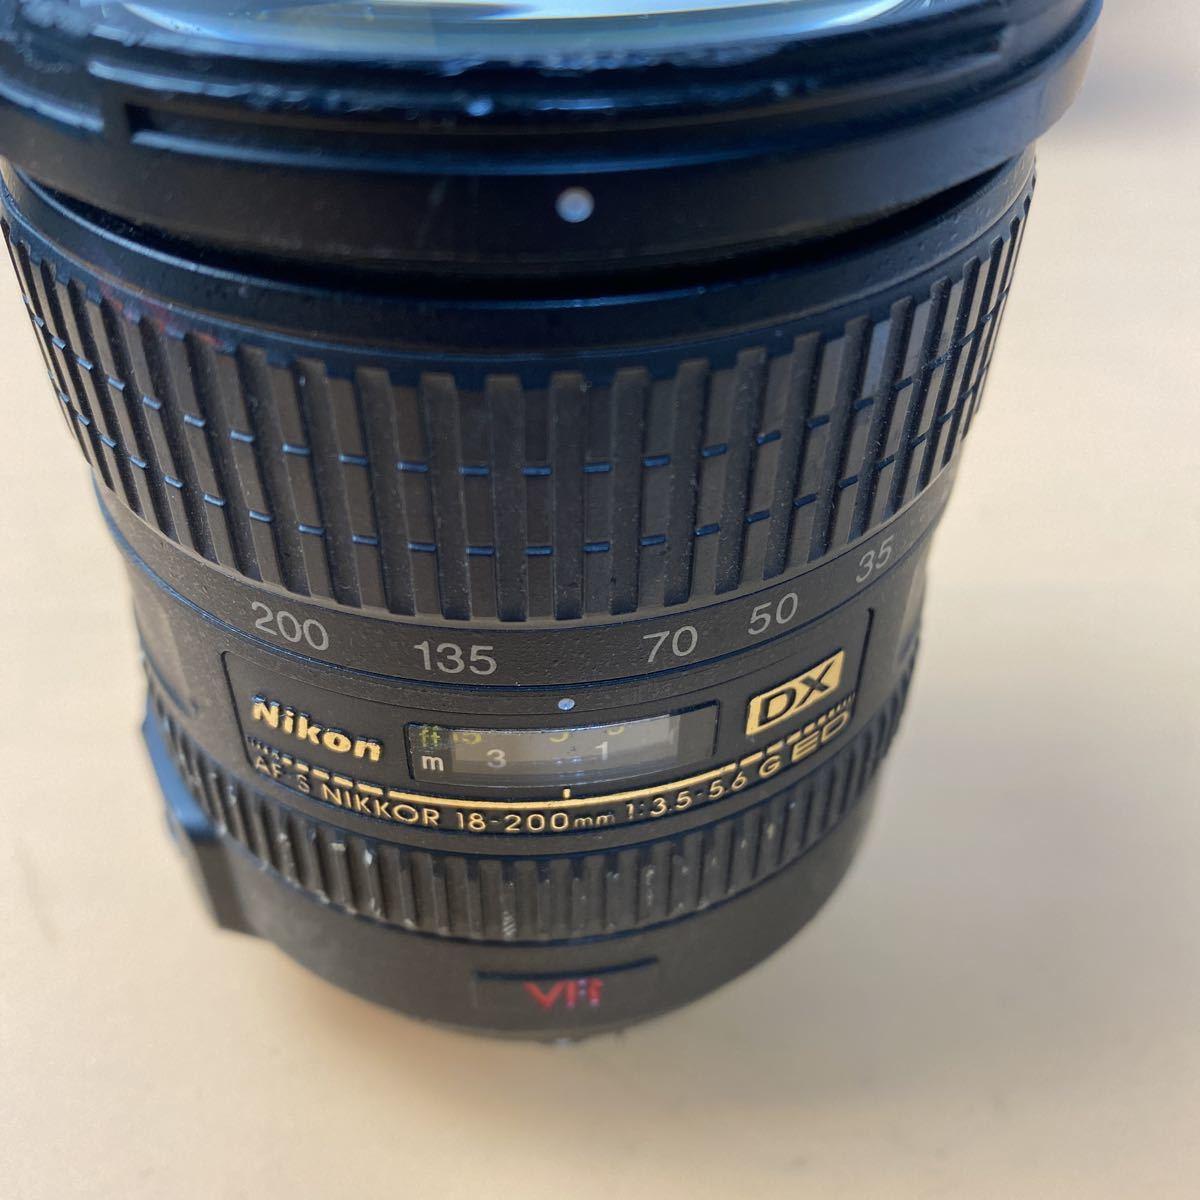 I円から~~ Nikon AF-S DX NIKKOR 18-200mm F3.5-5,6G ED VR 一眼レフ C-256